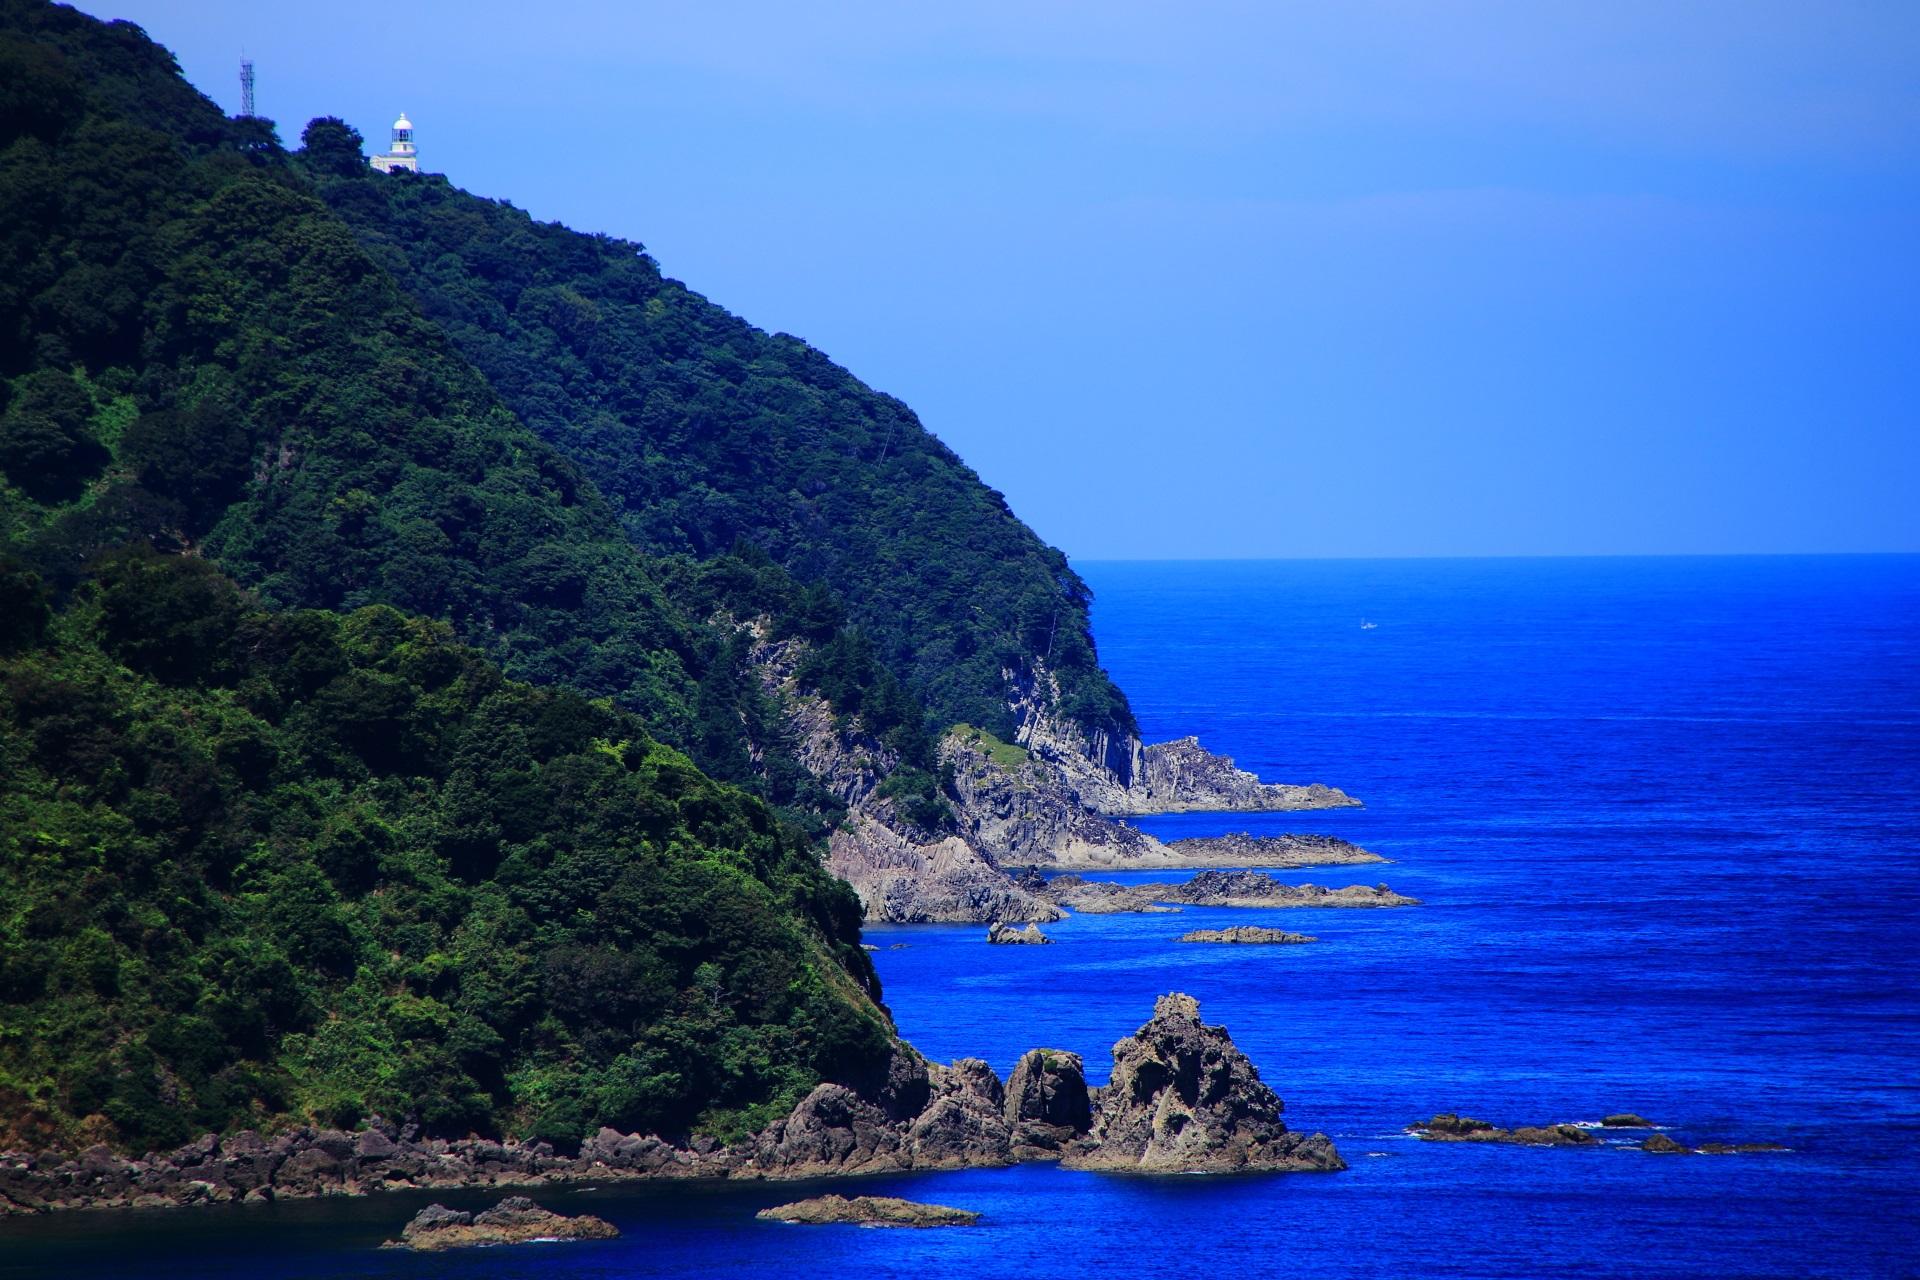 カマヤ海岸から眺める経ヶ岬と白い経ヶ岬灯台